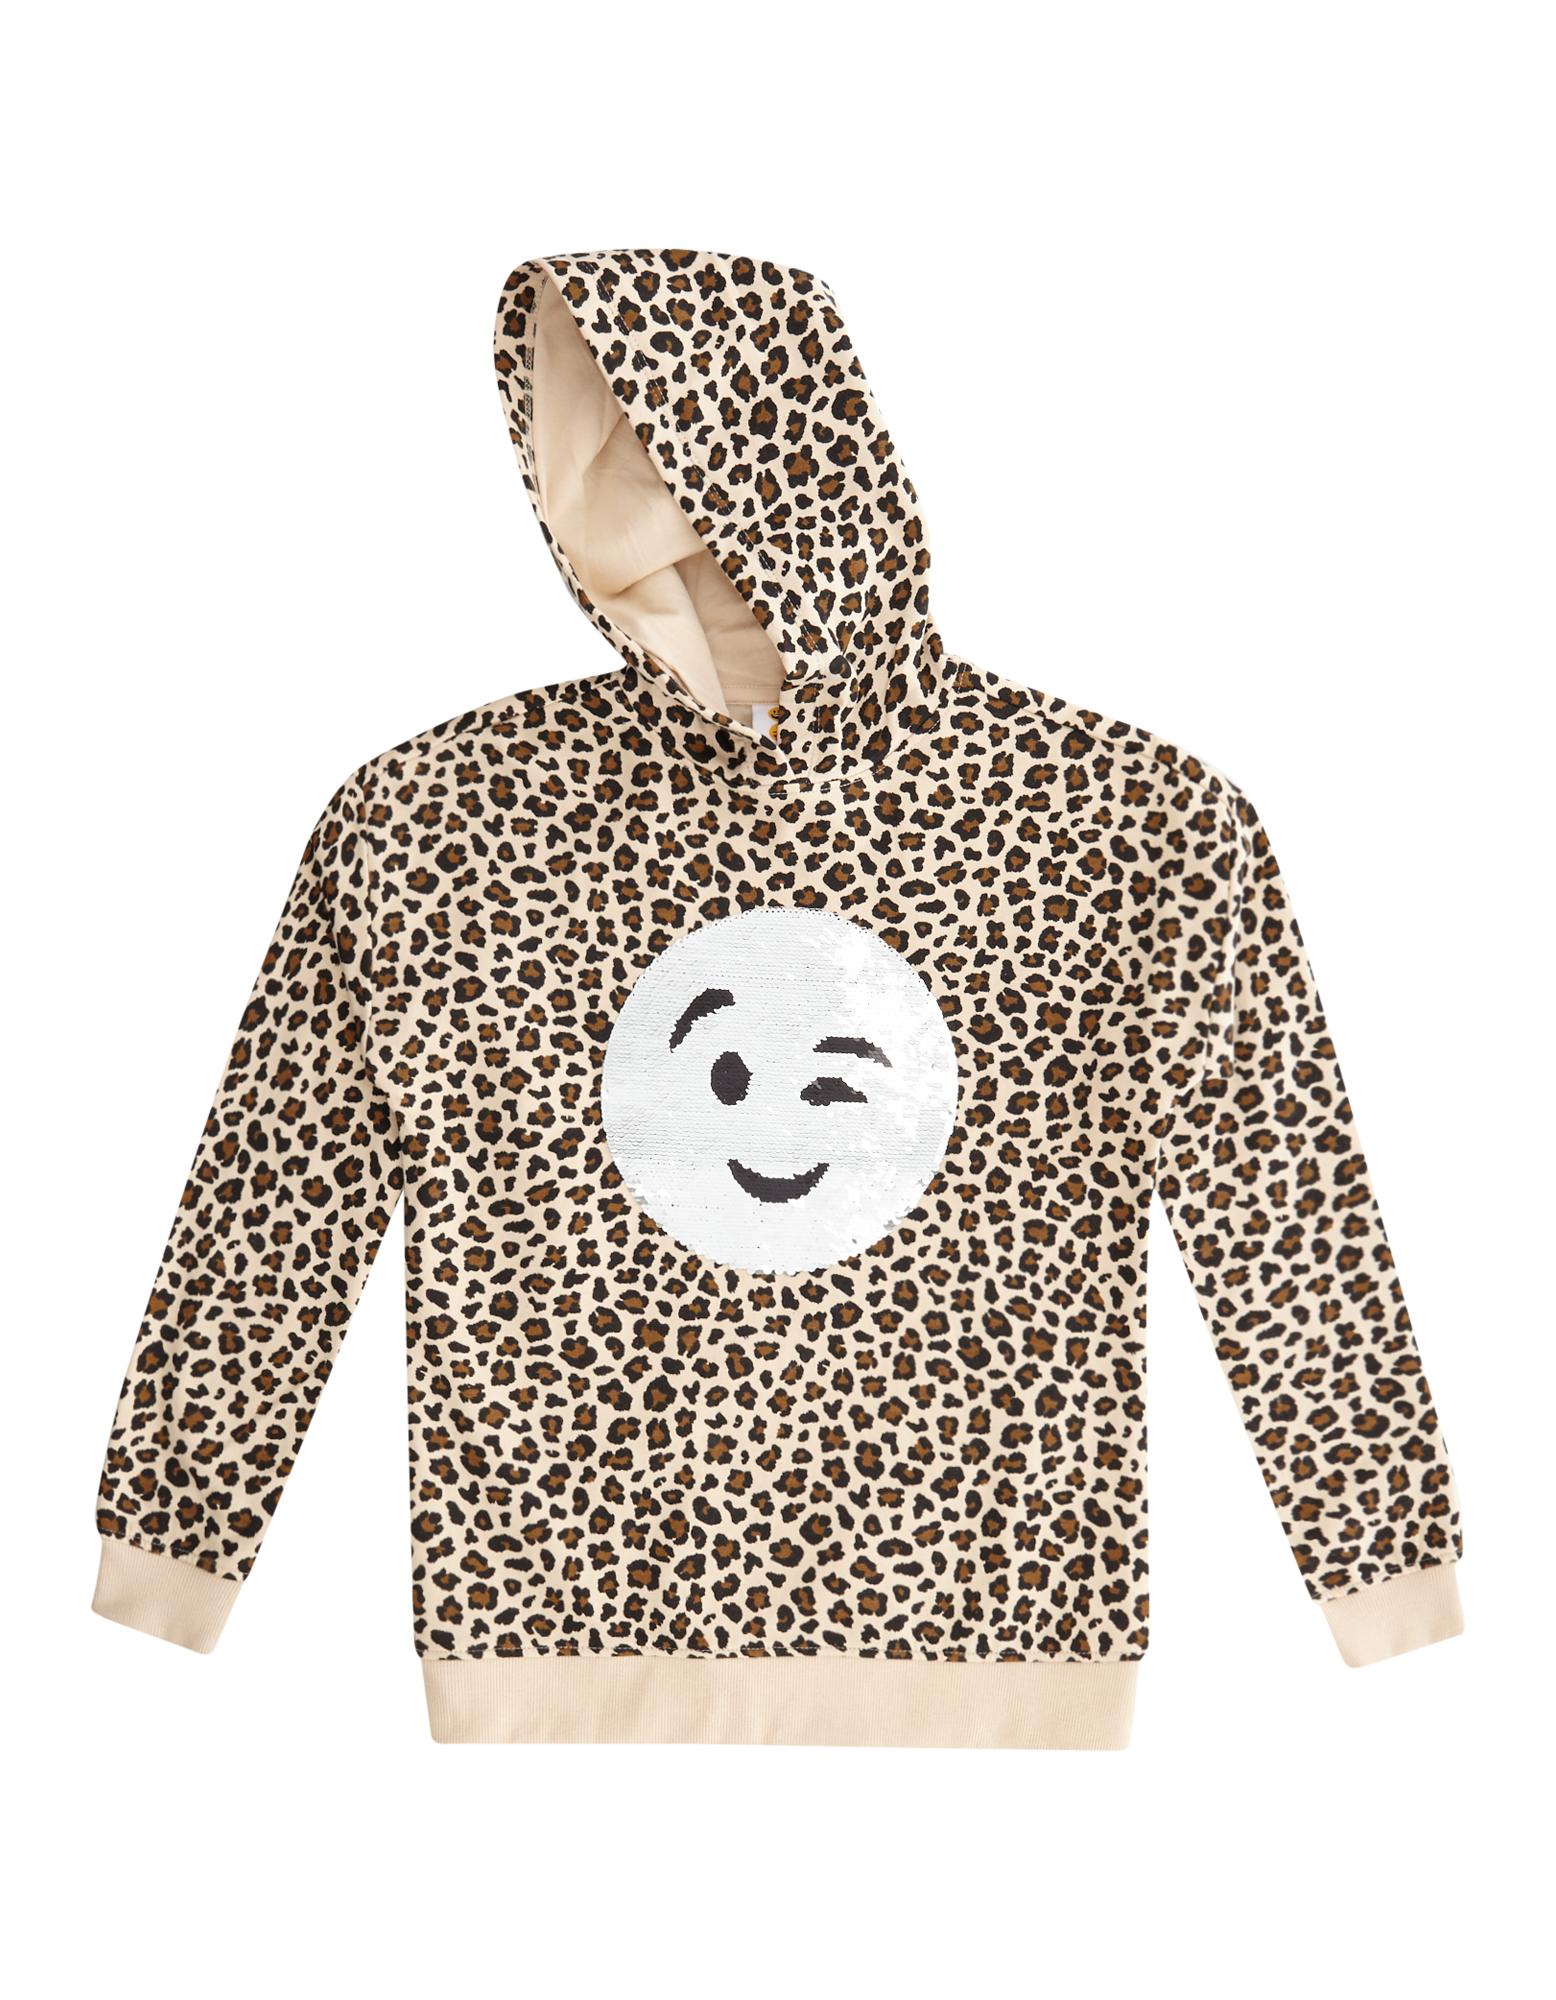 Mädchen Sweatshirt mit Wende-Pailletten leopard | 81520848150408